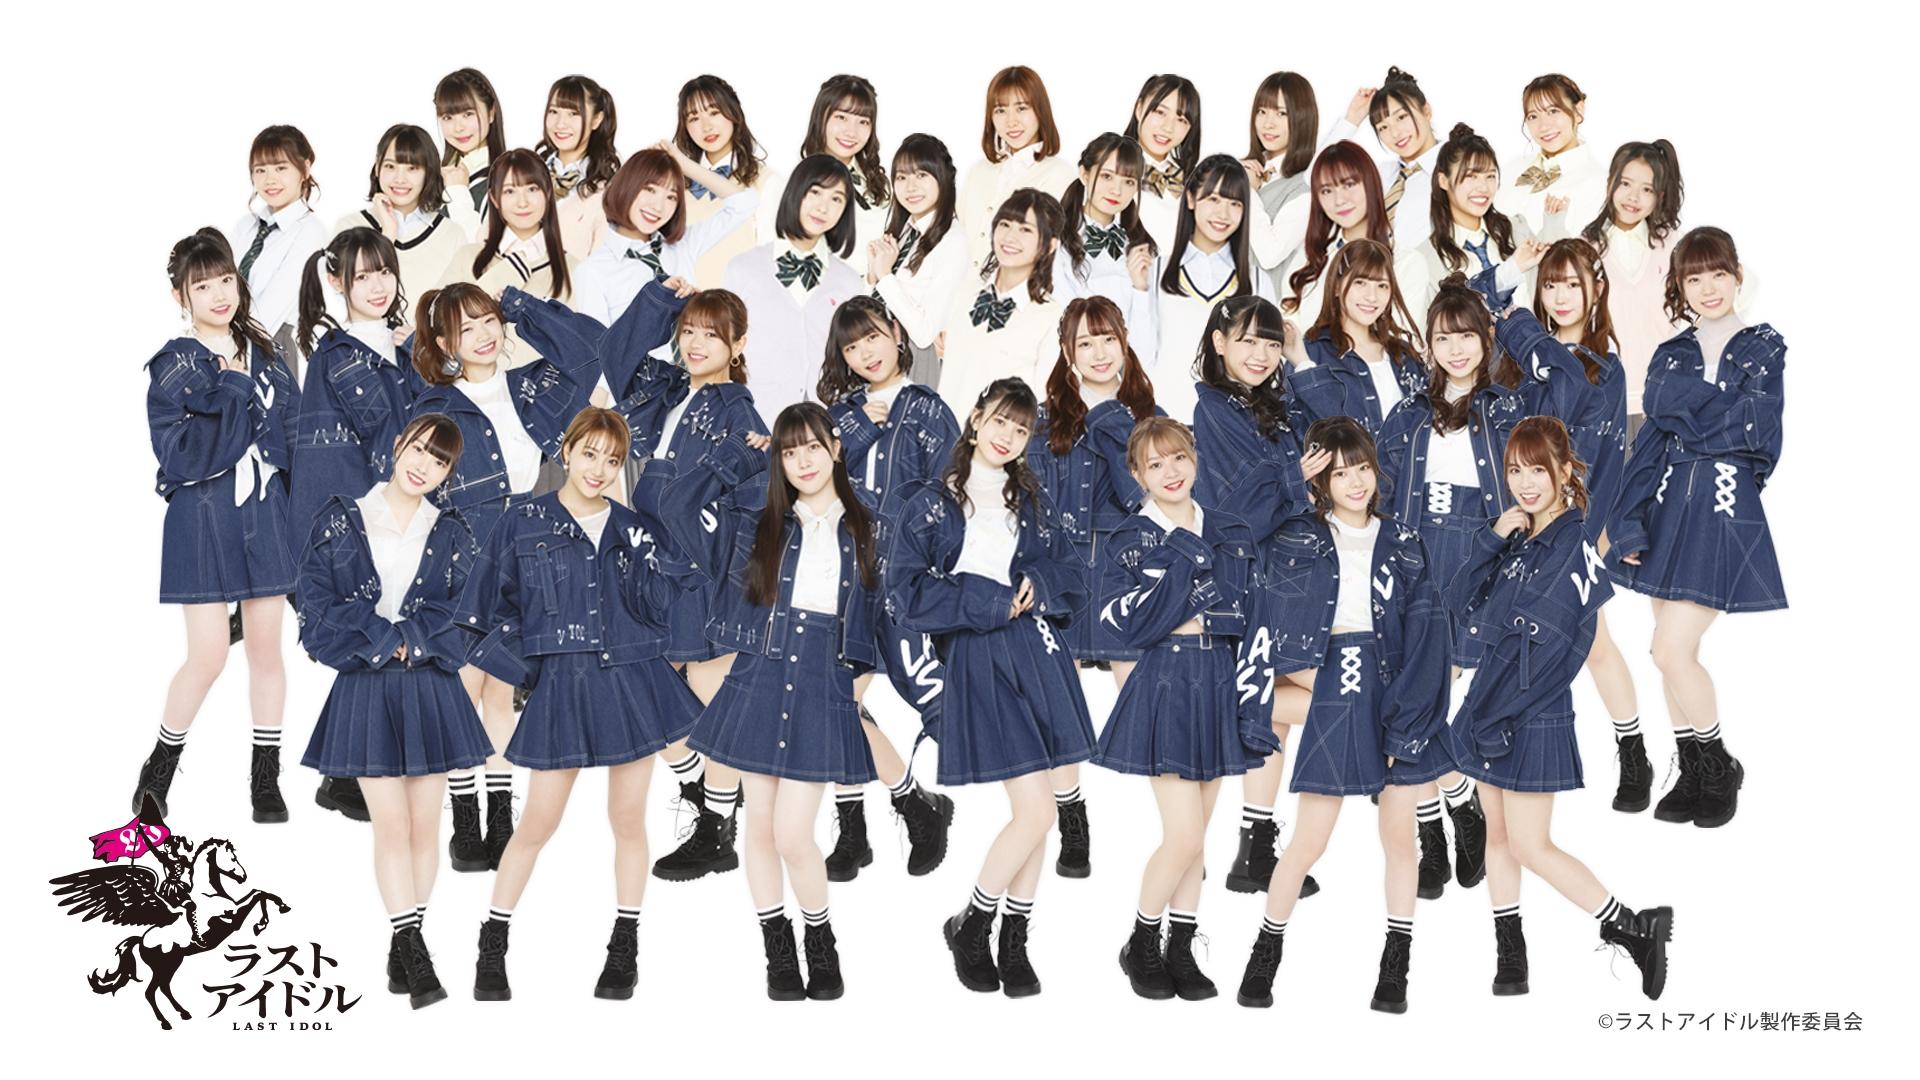 ラストアイドル(1期生・2期生・2期生アンダー・TIF 選抜)